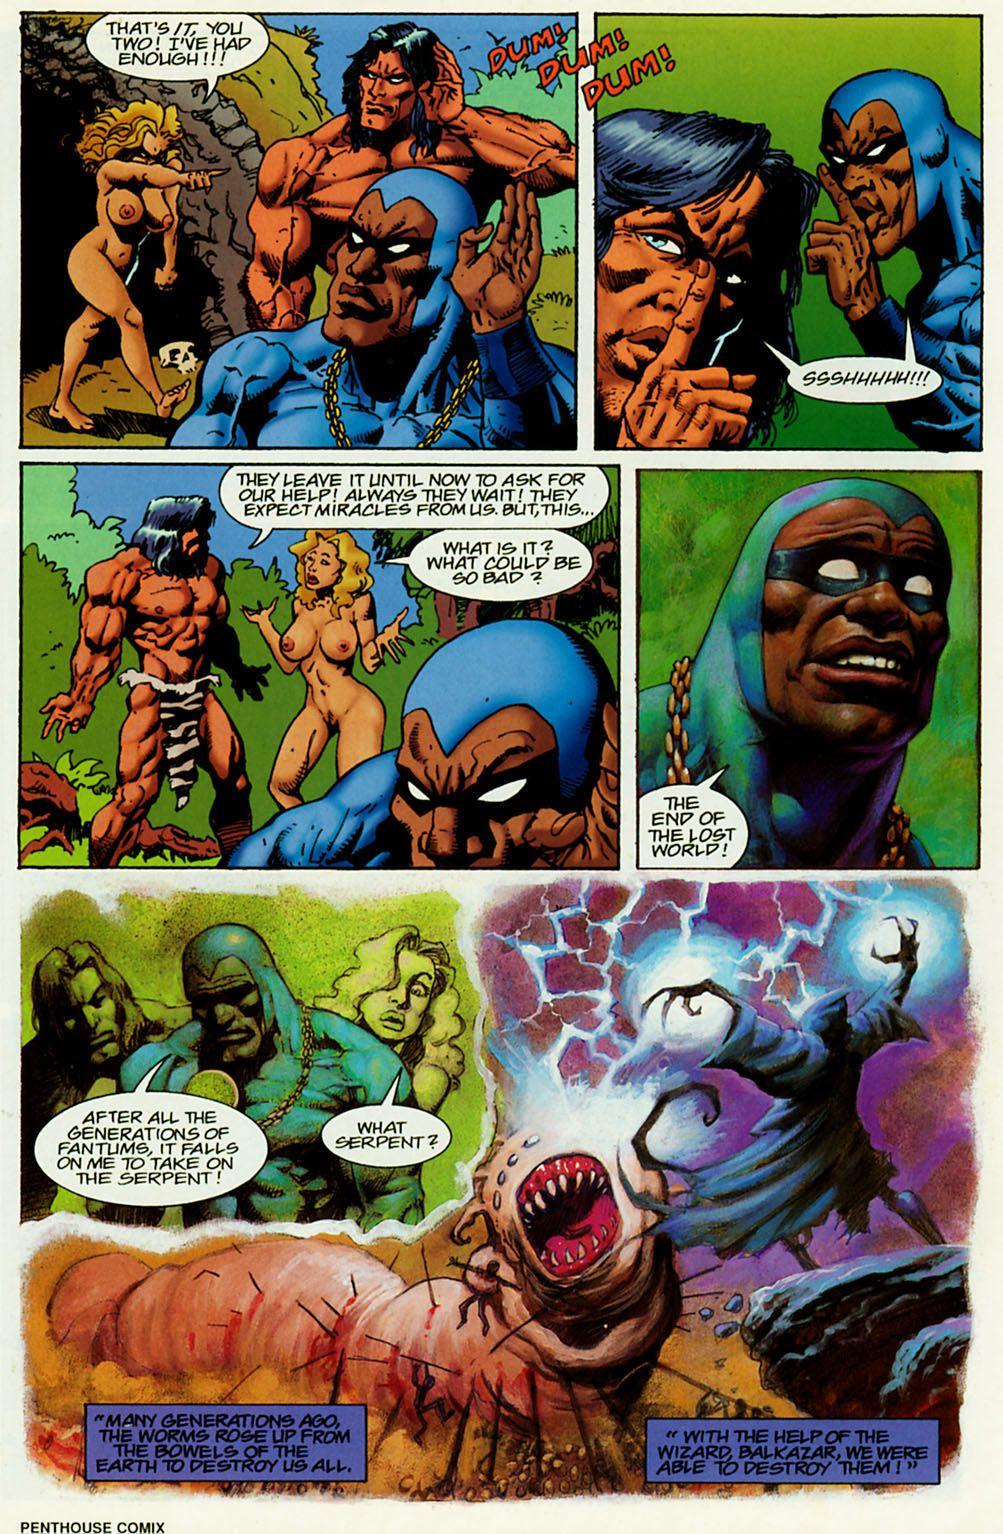 пентхаус комикс 23 - хентай манга